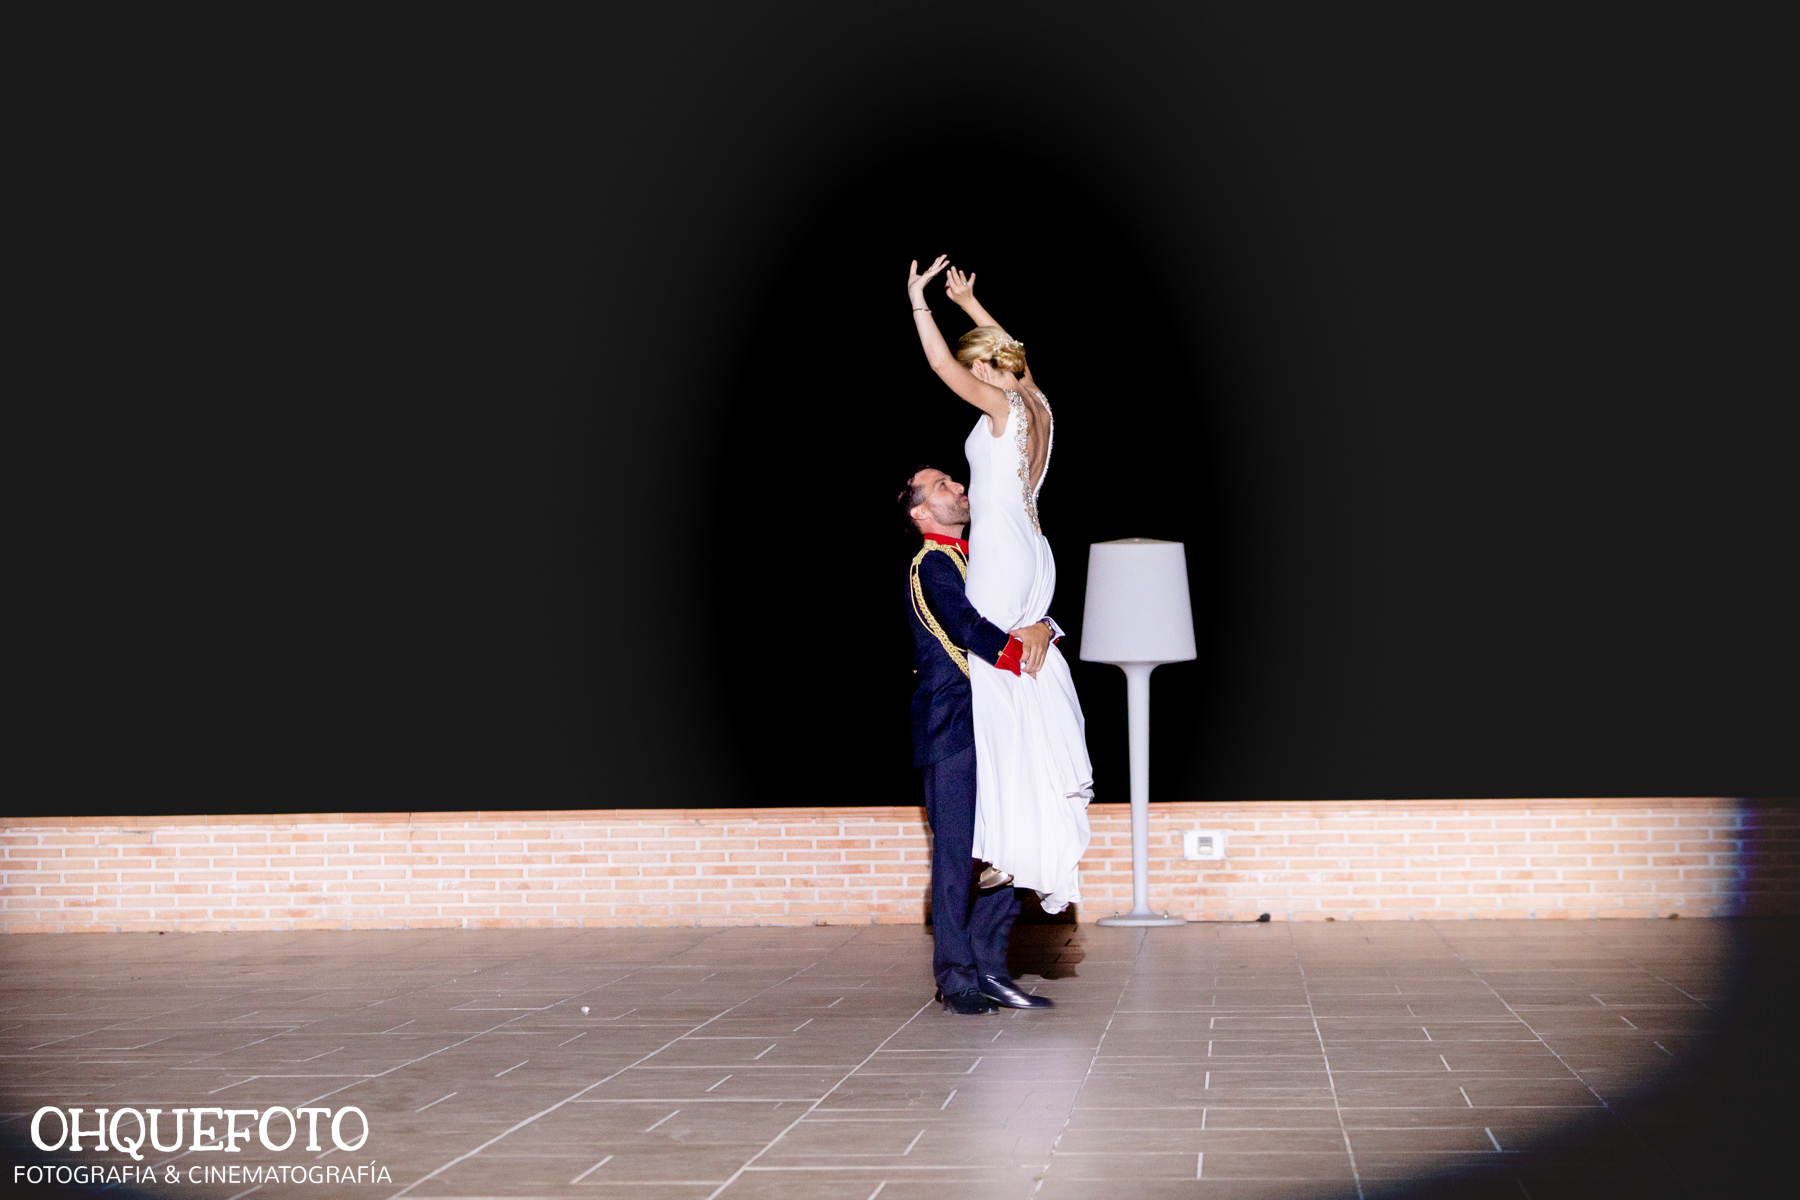 boda en la peraleda boda en cabeza del buey boda en capilla reportaje de bodas en almaden video de bodas en cordoba493 - Jose y Gema - Boda en Zarza Capilla y la Finca La Peraleda (Chillón)